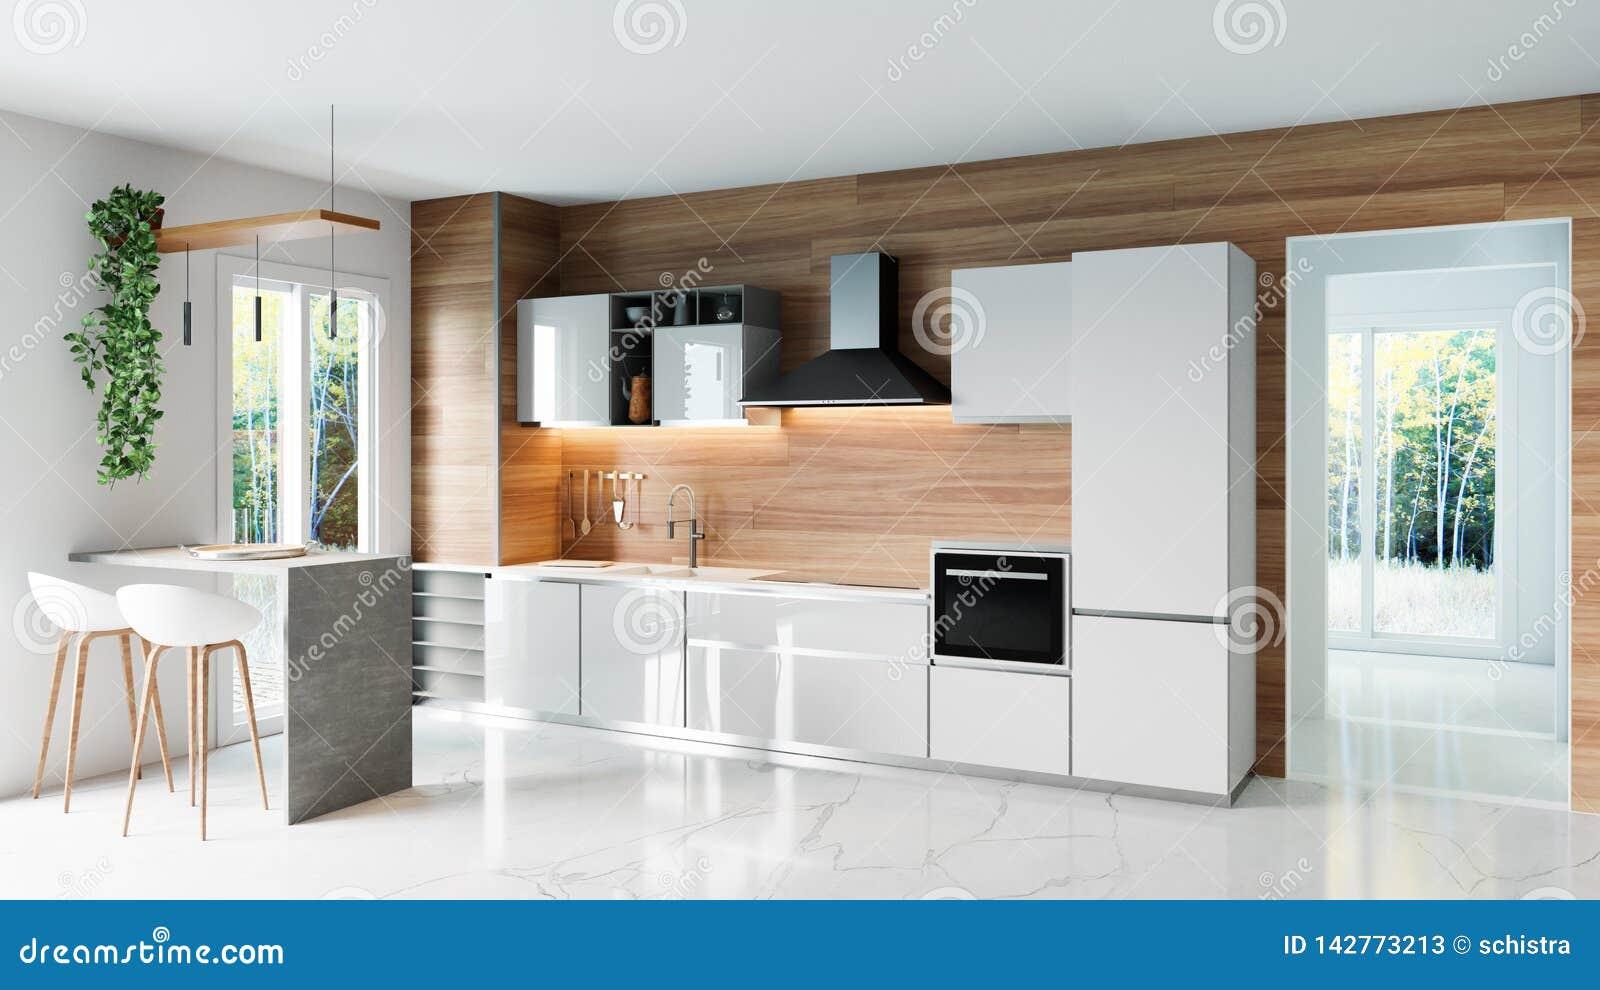 Parete Cucina Moderna.Cucina Moderna Con La Parete Di Legno Ed Il Pavimento Di